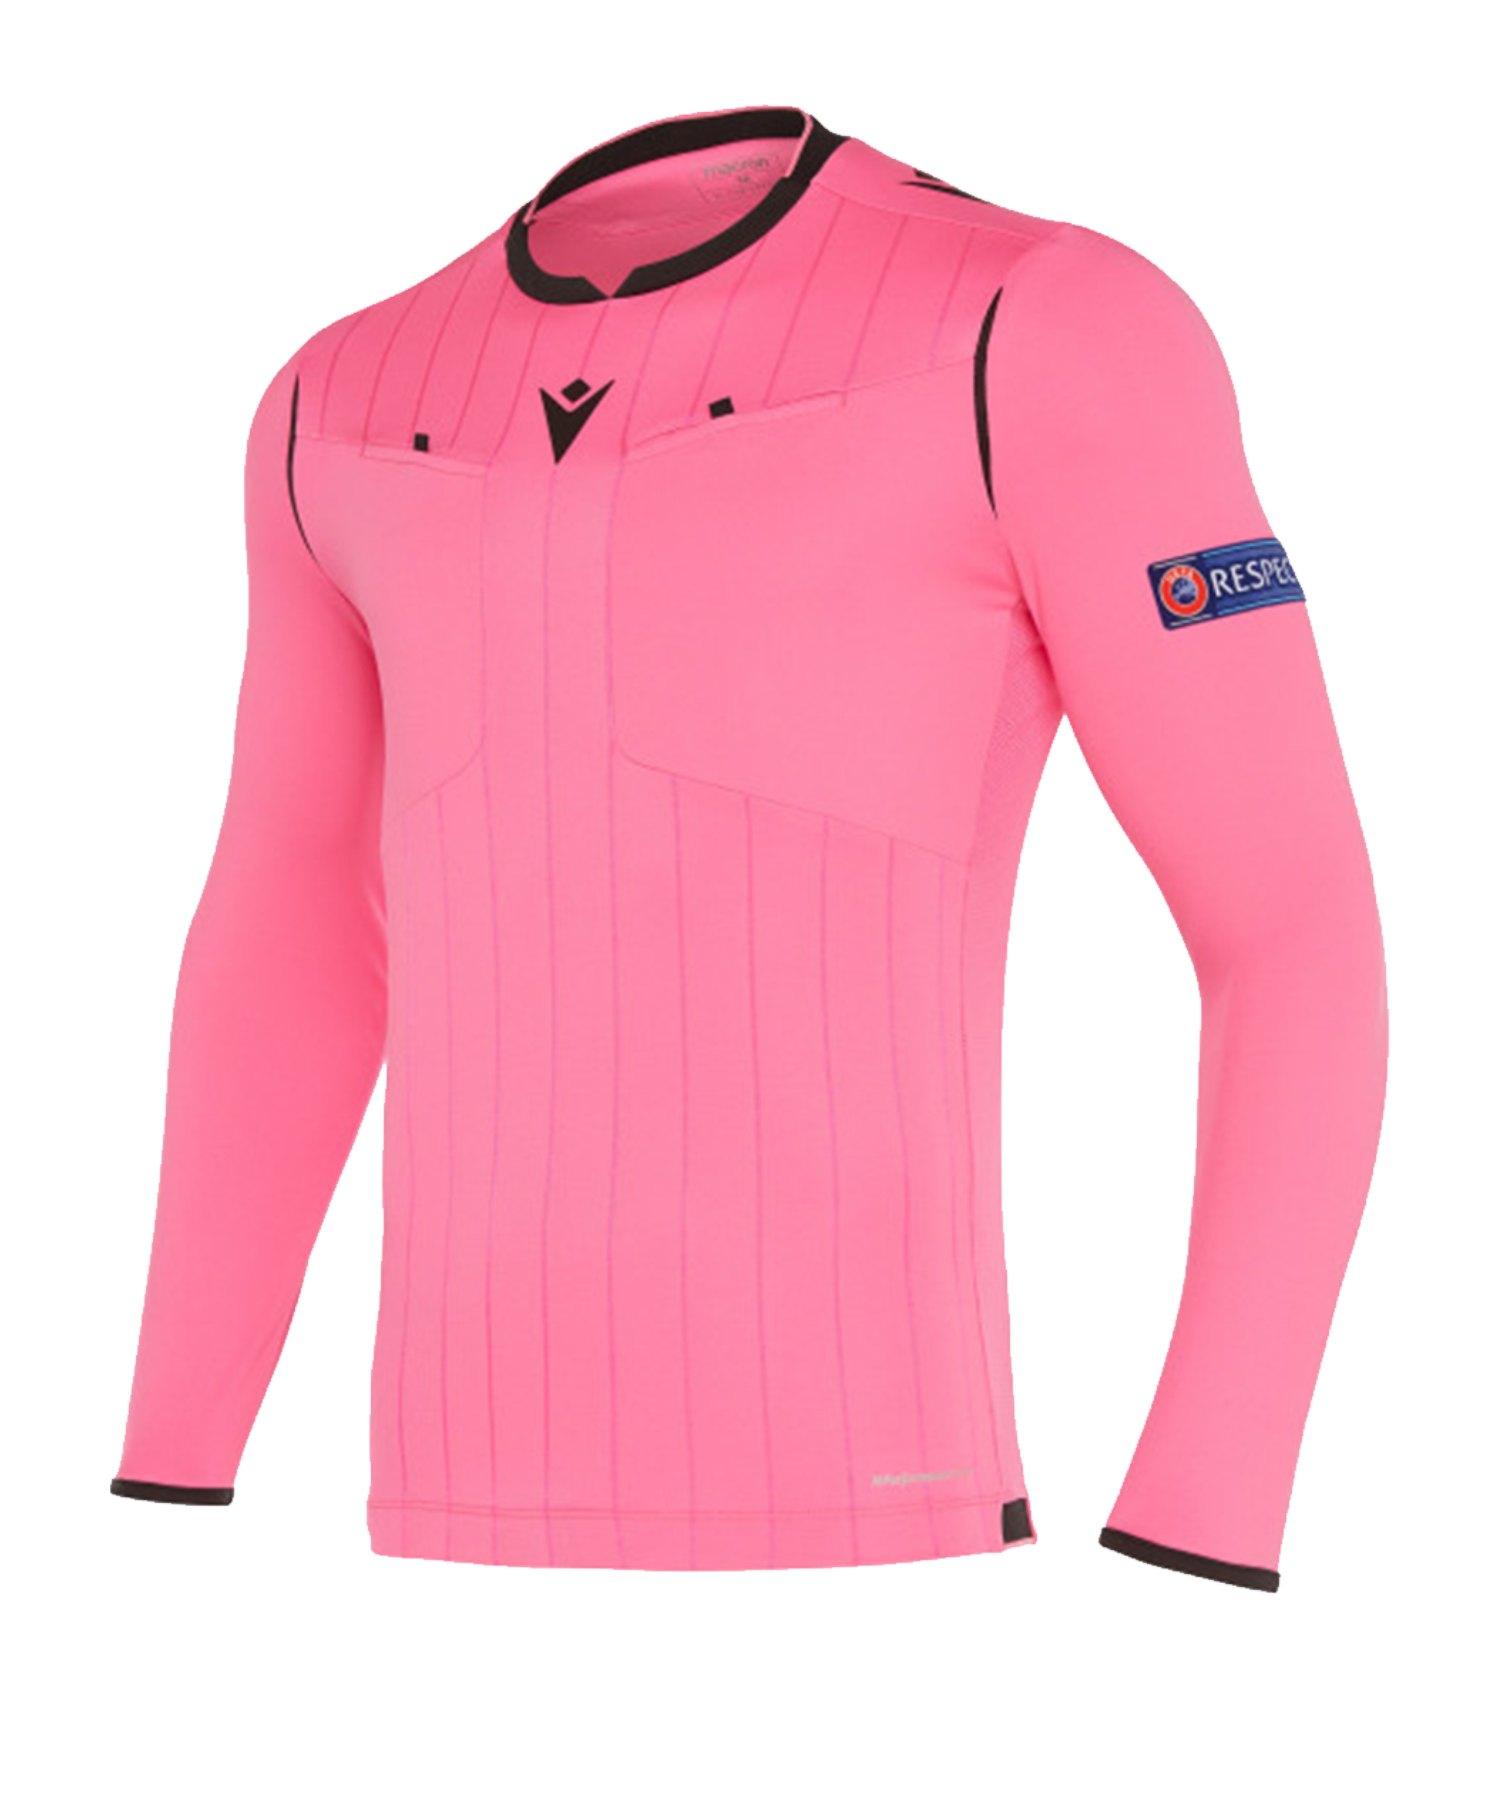 Macron UEFA Schiedsrichtertrikot langarm Neon Pink - pink